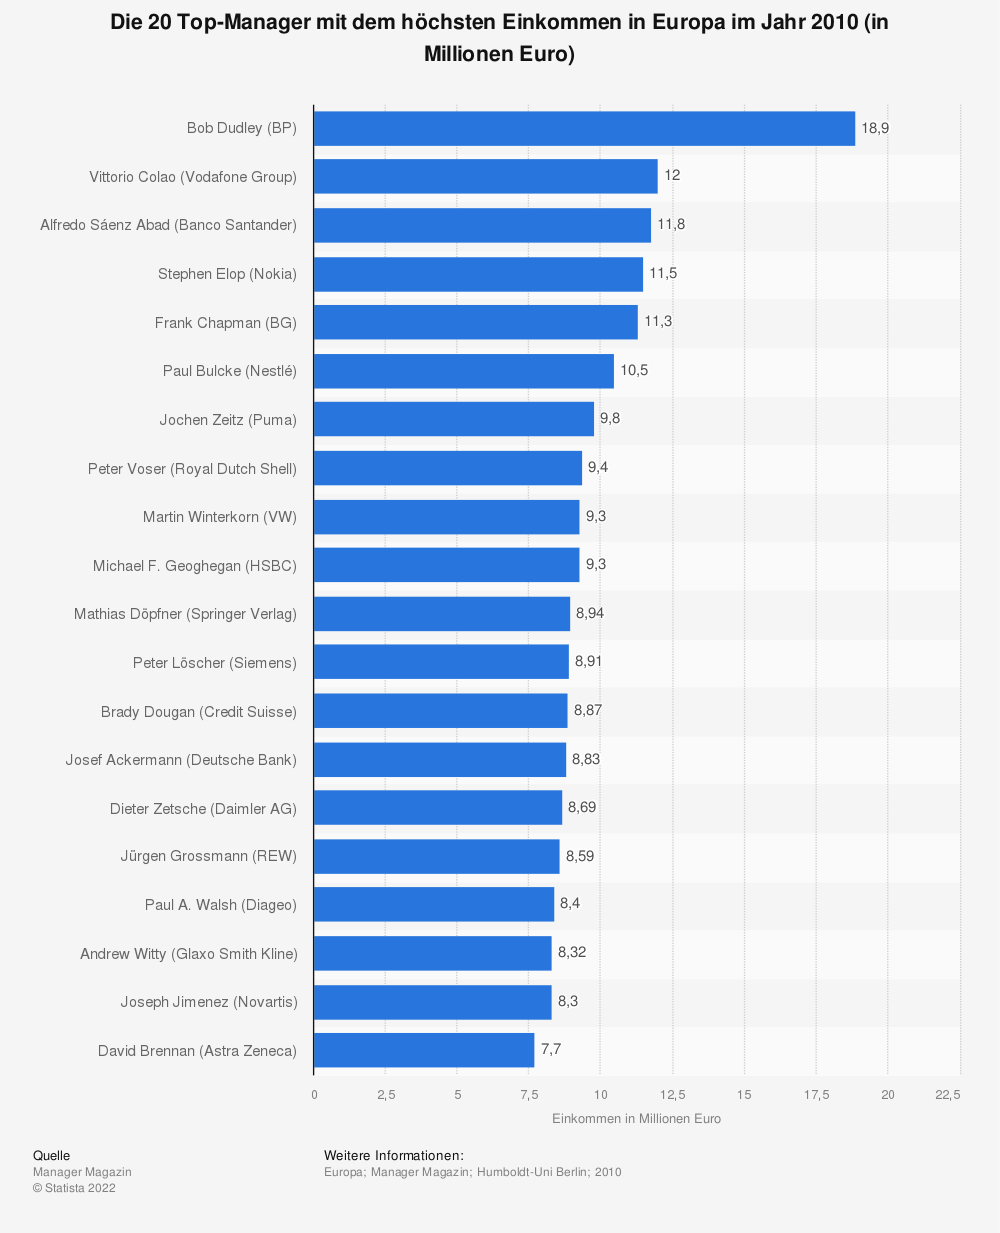 Statistik: Die 20 Top-Manager mit dem höchsten Einkommen in Europa im Jahr 2010 (in Millionen Euro) | Statista